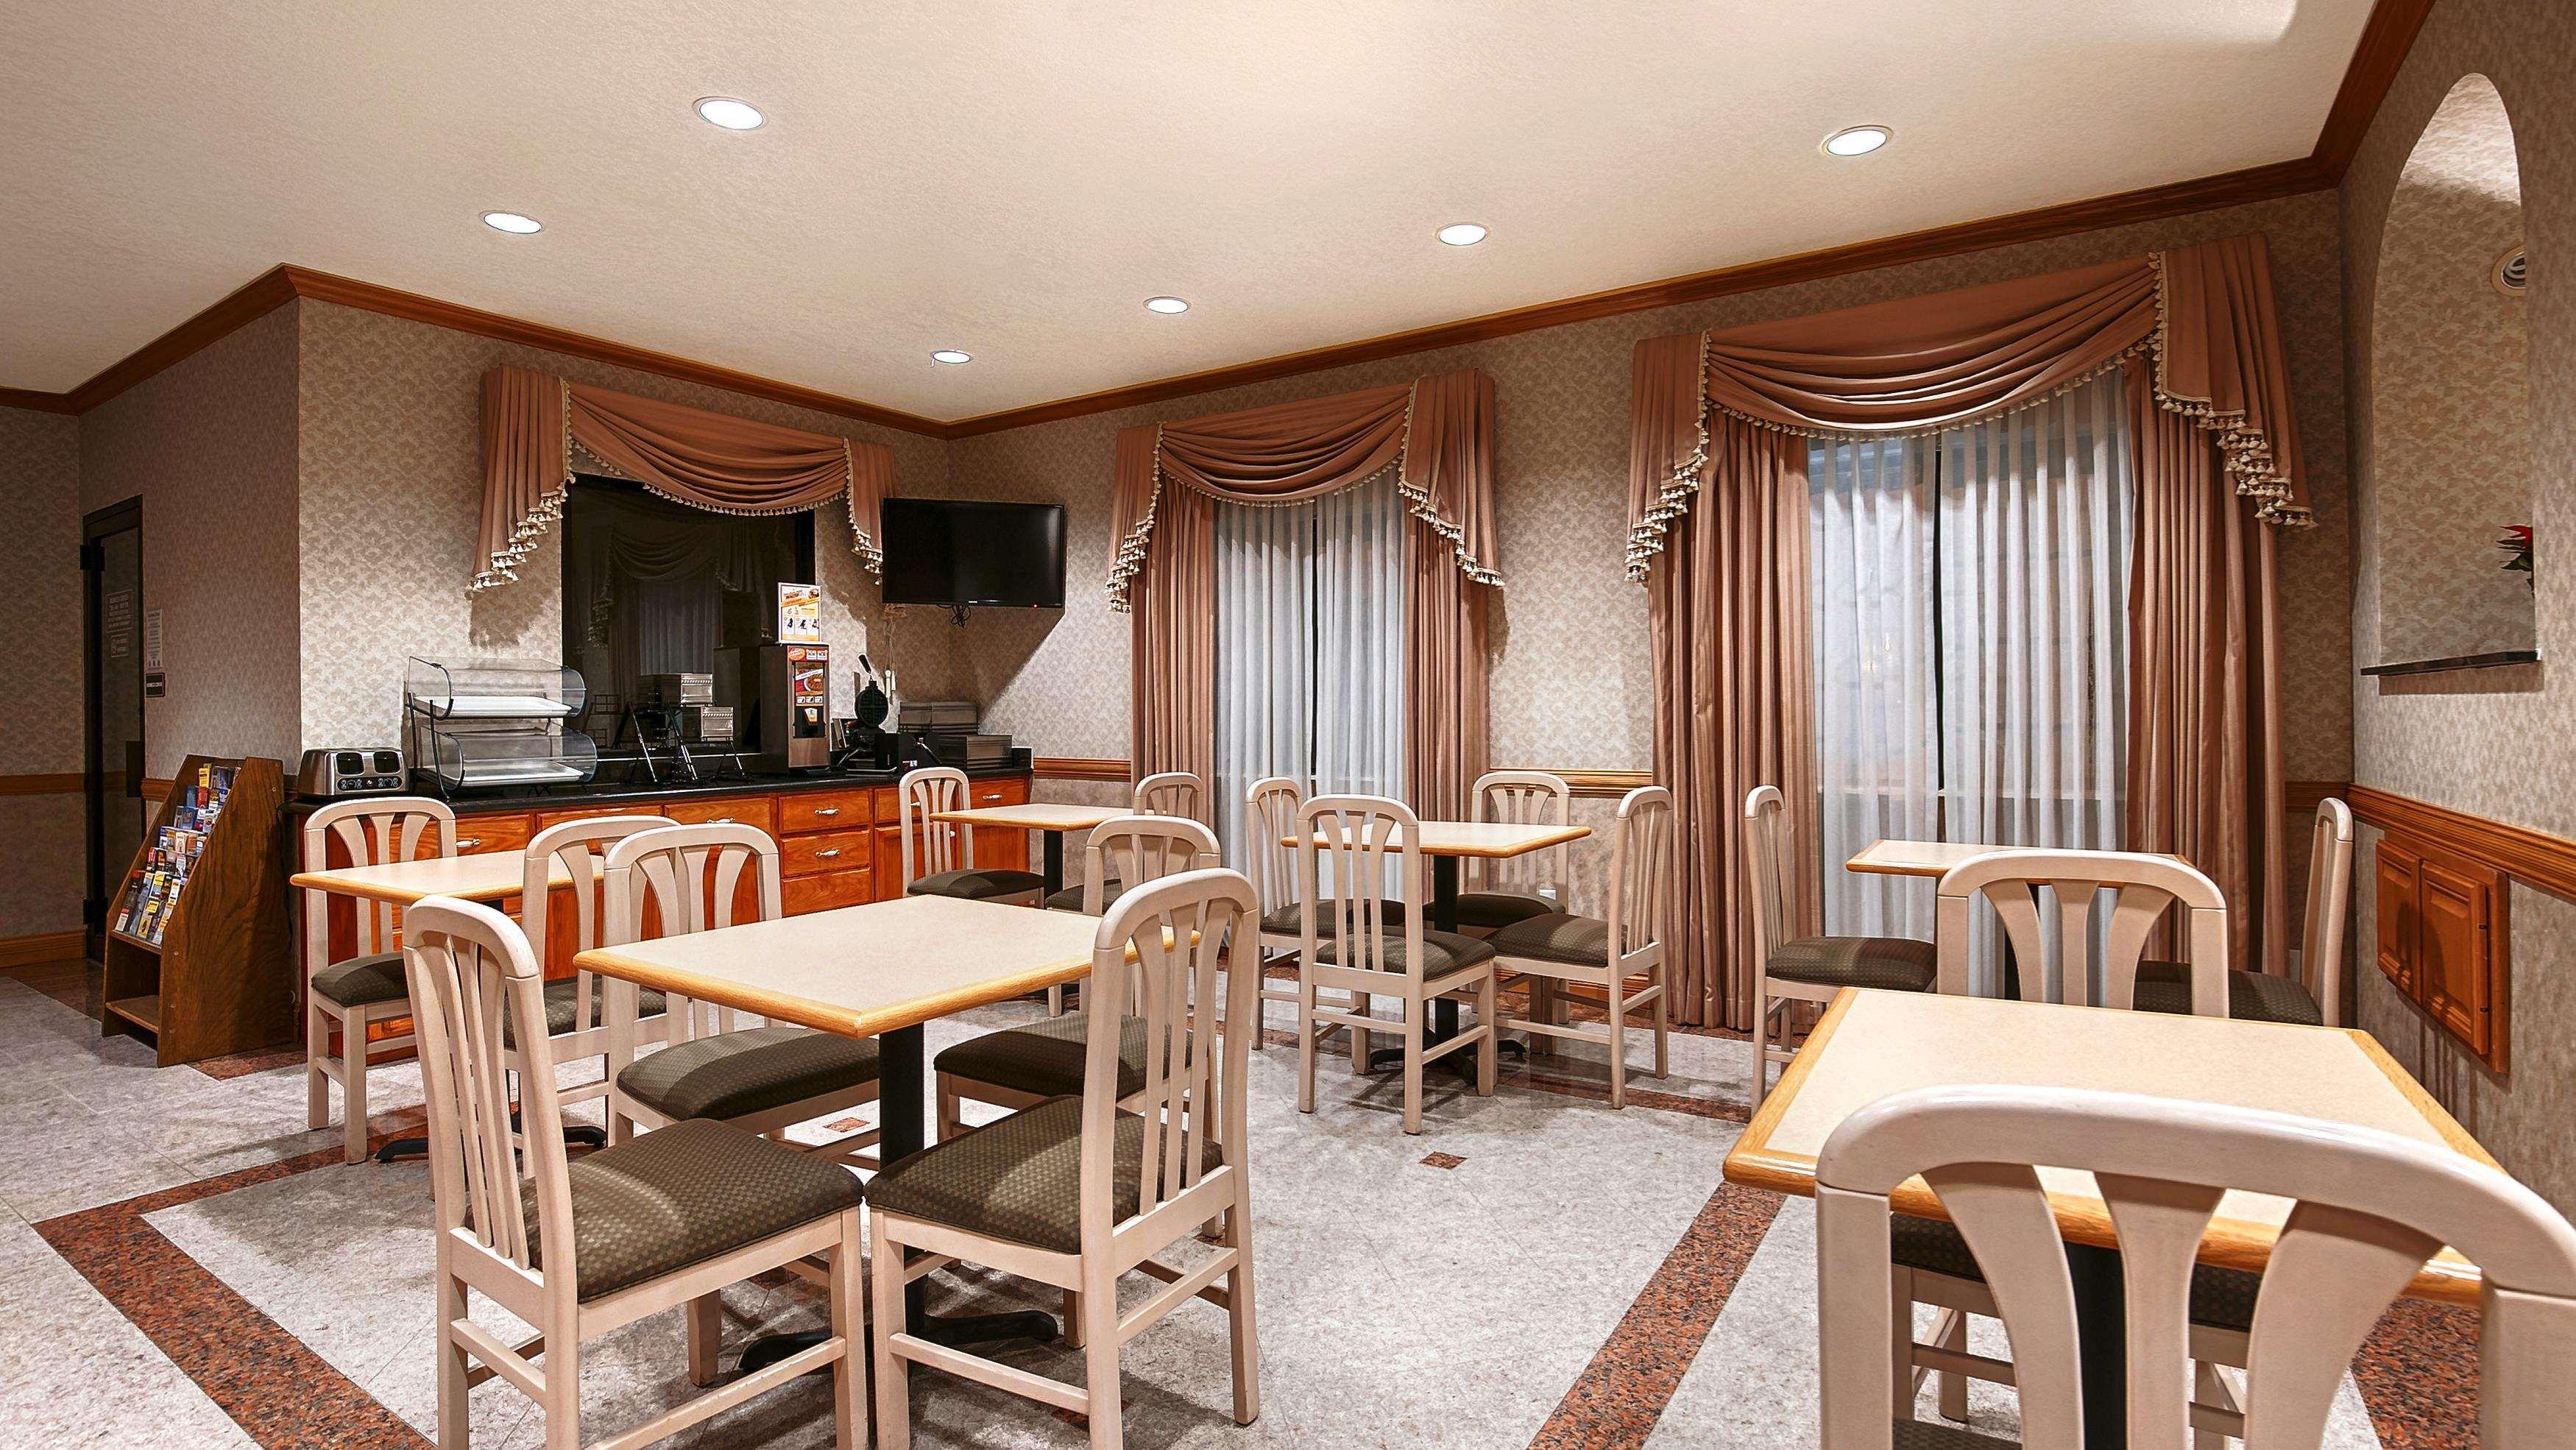 SureStay Hotel by Best Western Falfurrias image 29